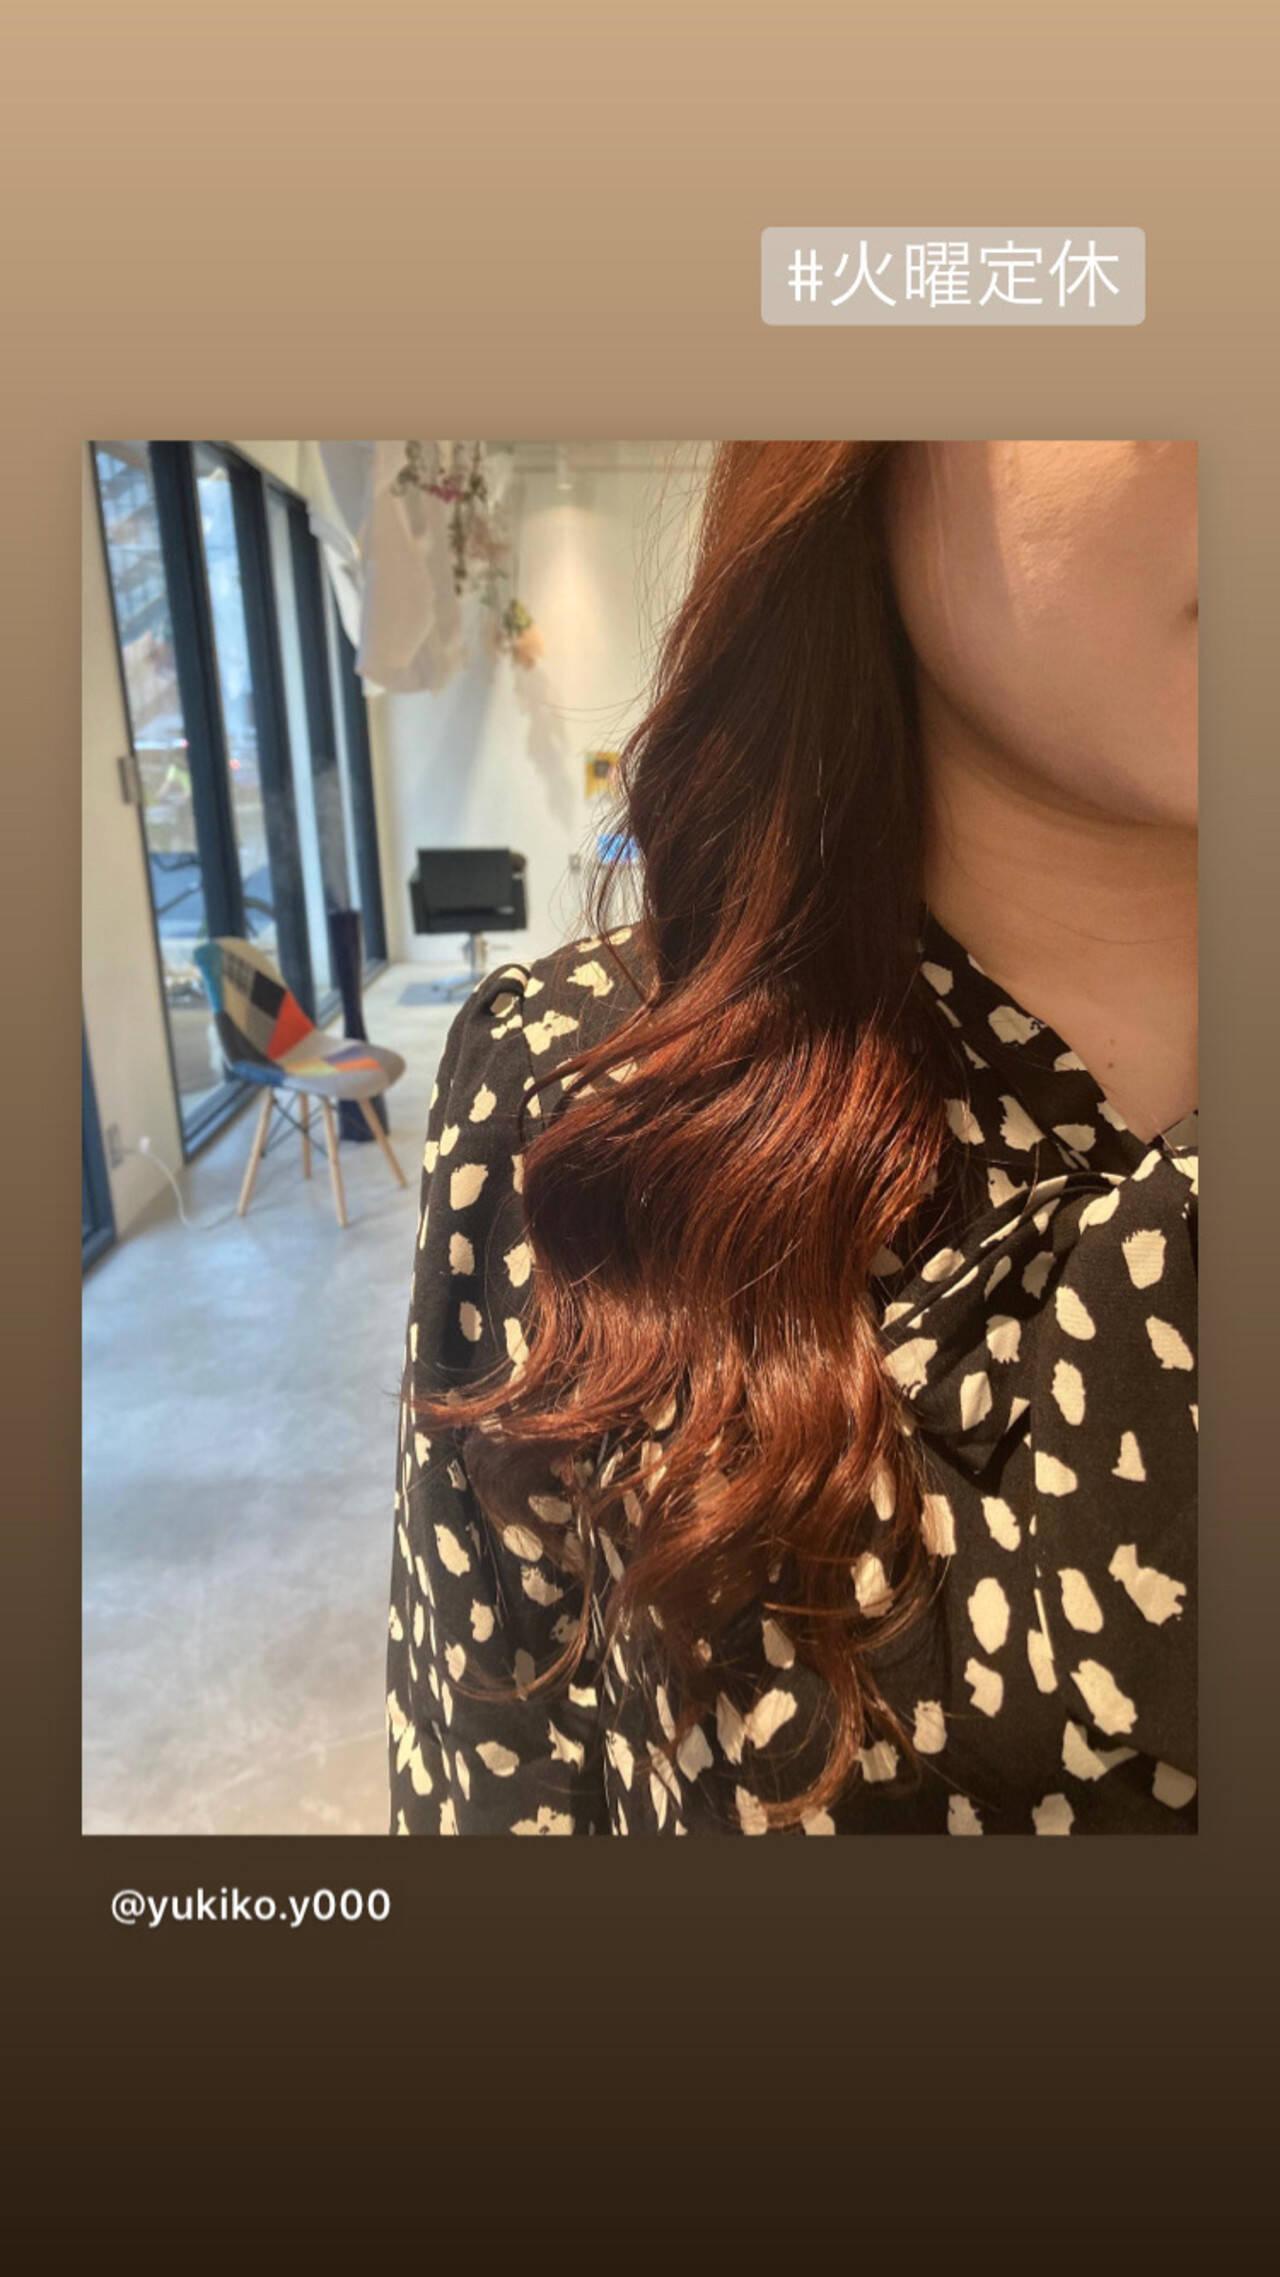 ナチュラル セミロング 韓国ヘア うる艶カラーヘアスタイルや髪型の写真・画像